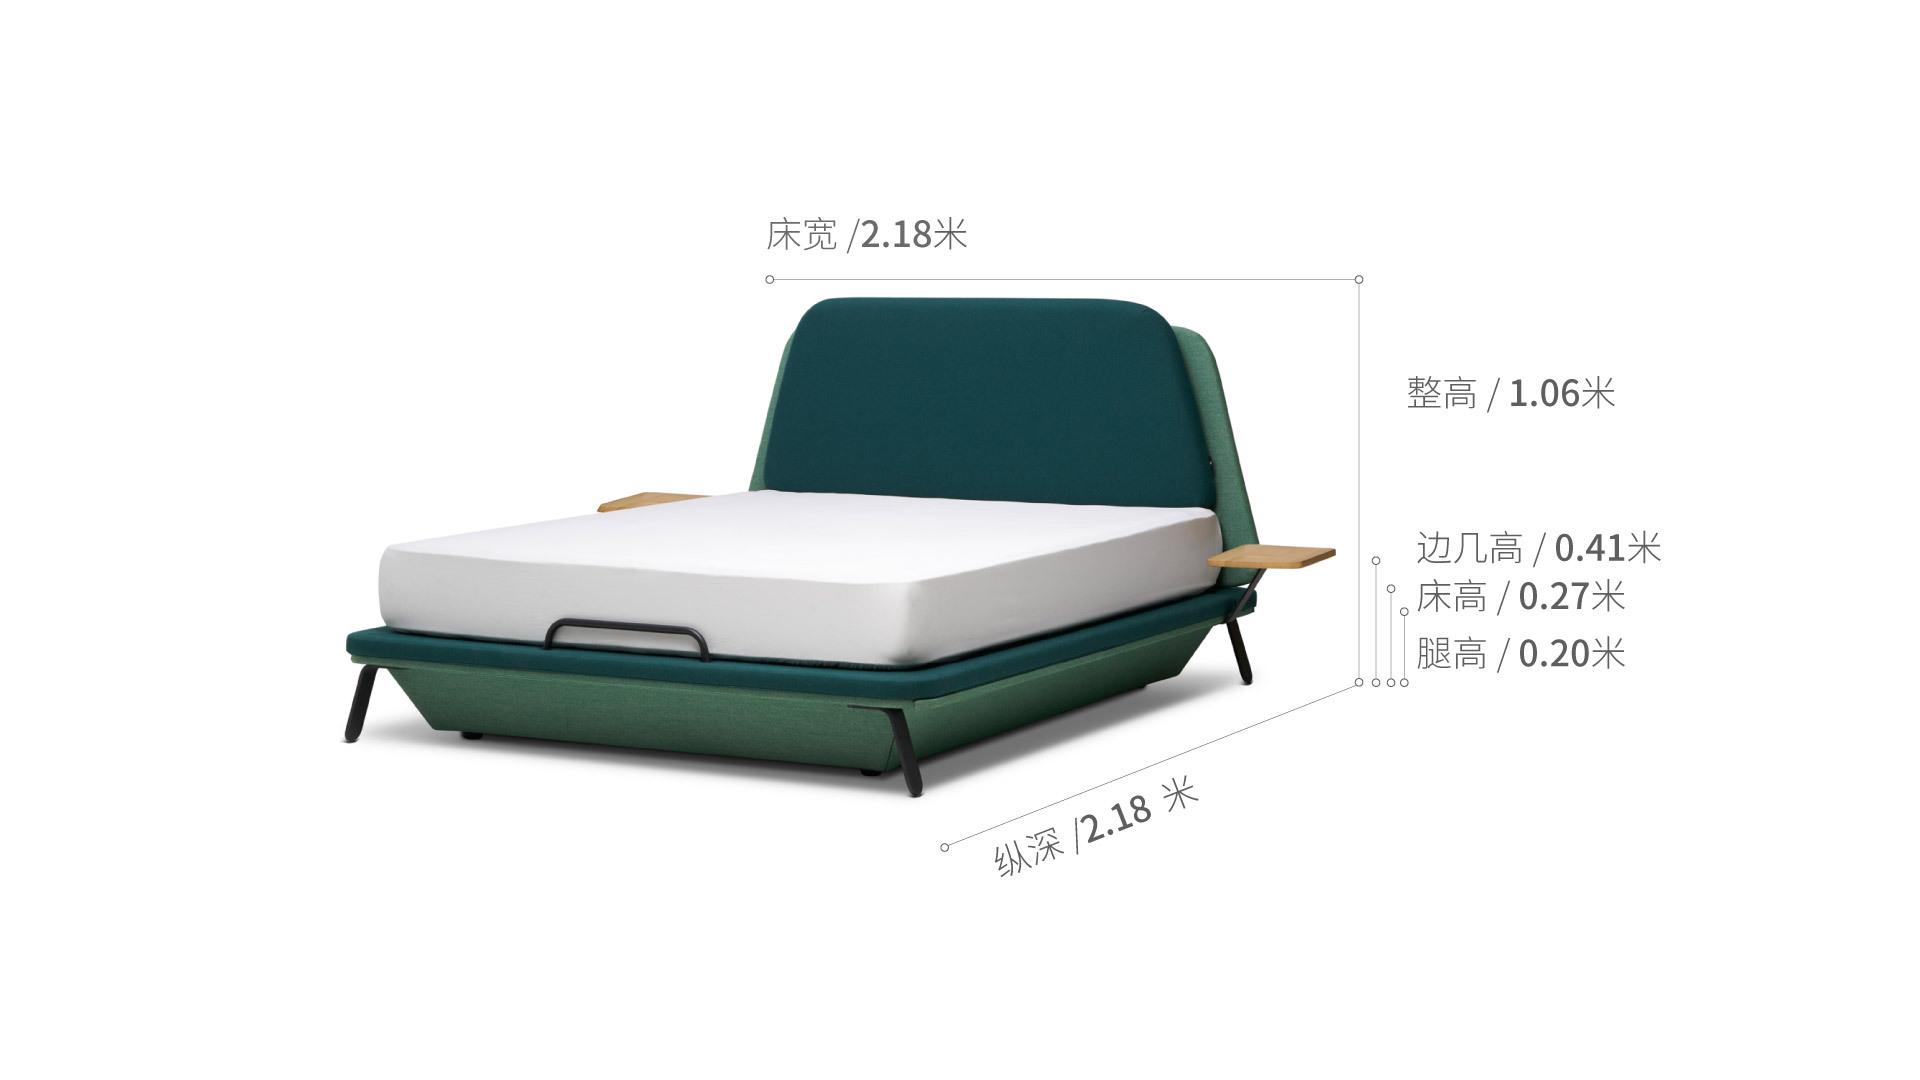 远航床1.5米款床·床具效果图